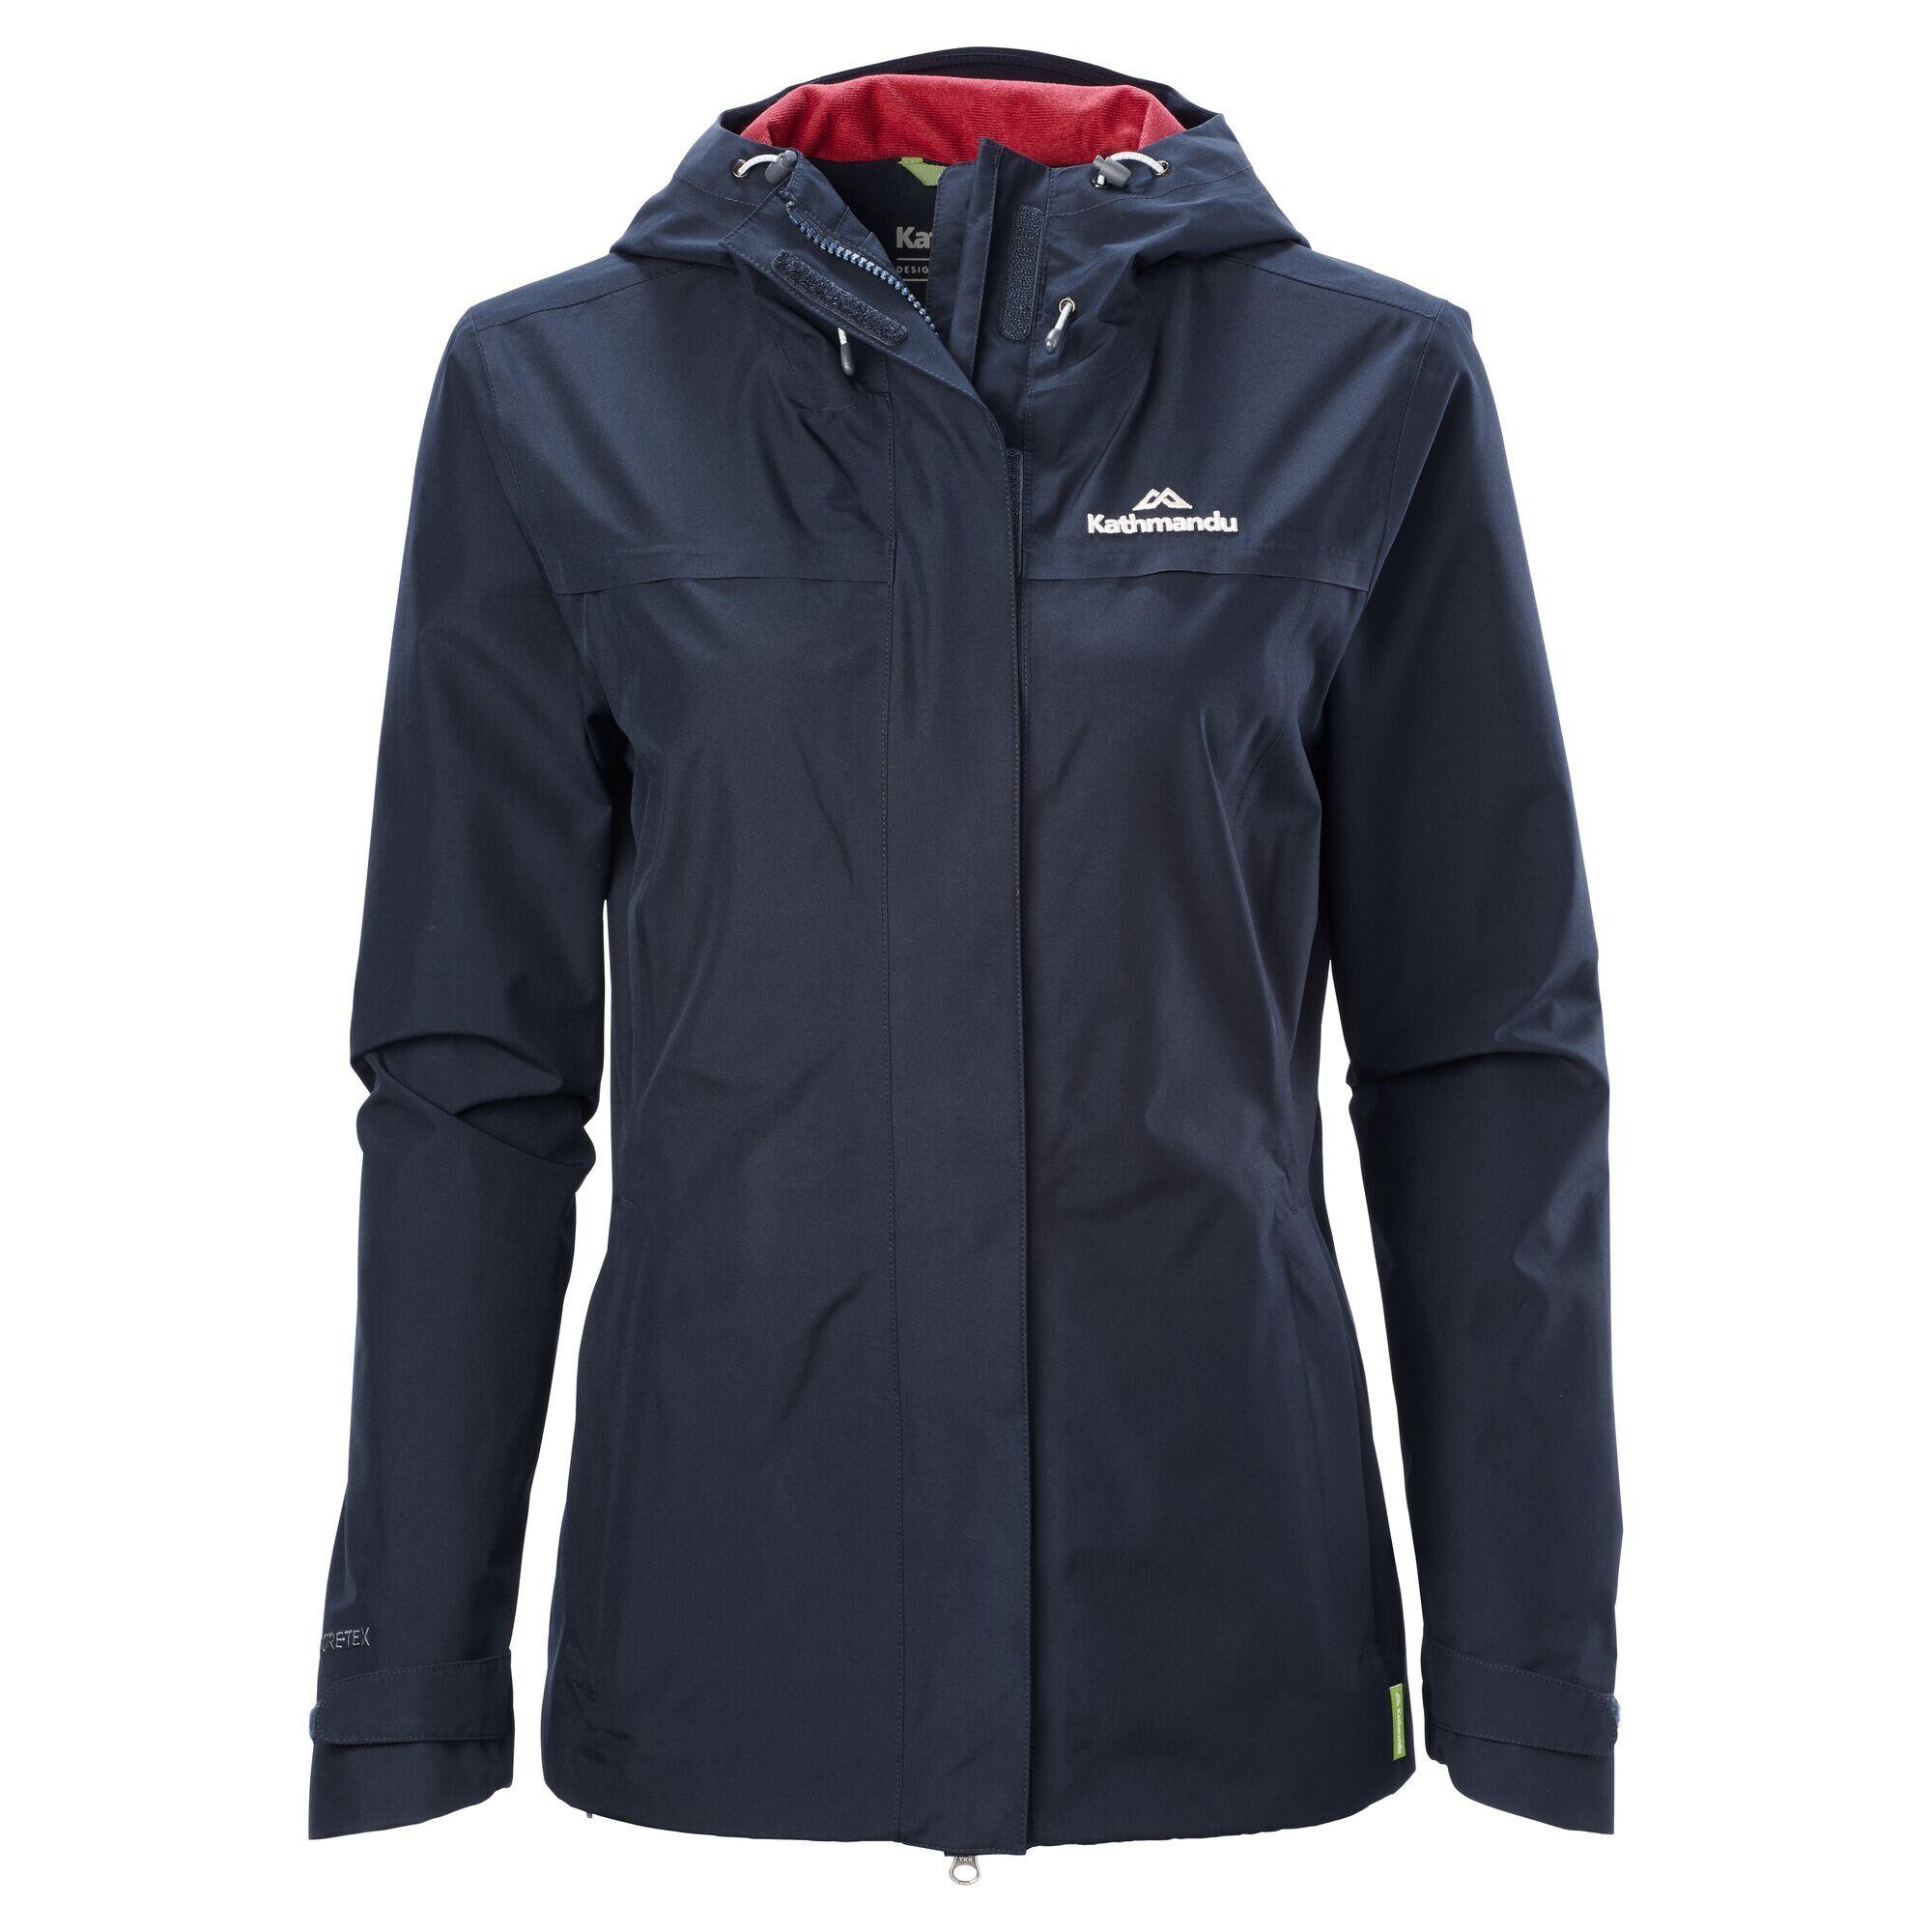 Kathmandu Bealey Women's GORE-TEX Jacket  - Midnight Navy - Size: US 8